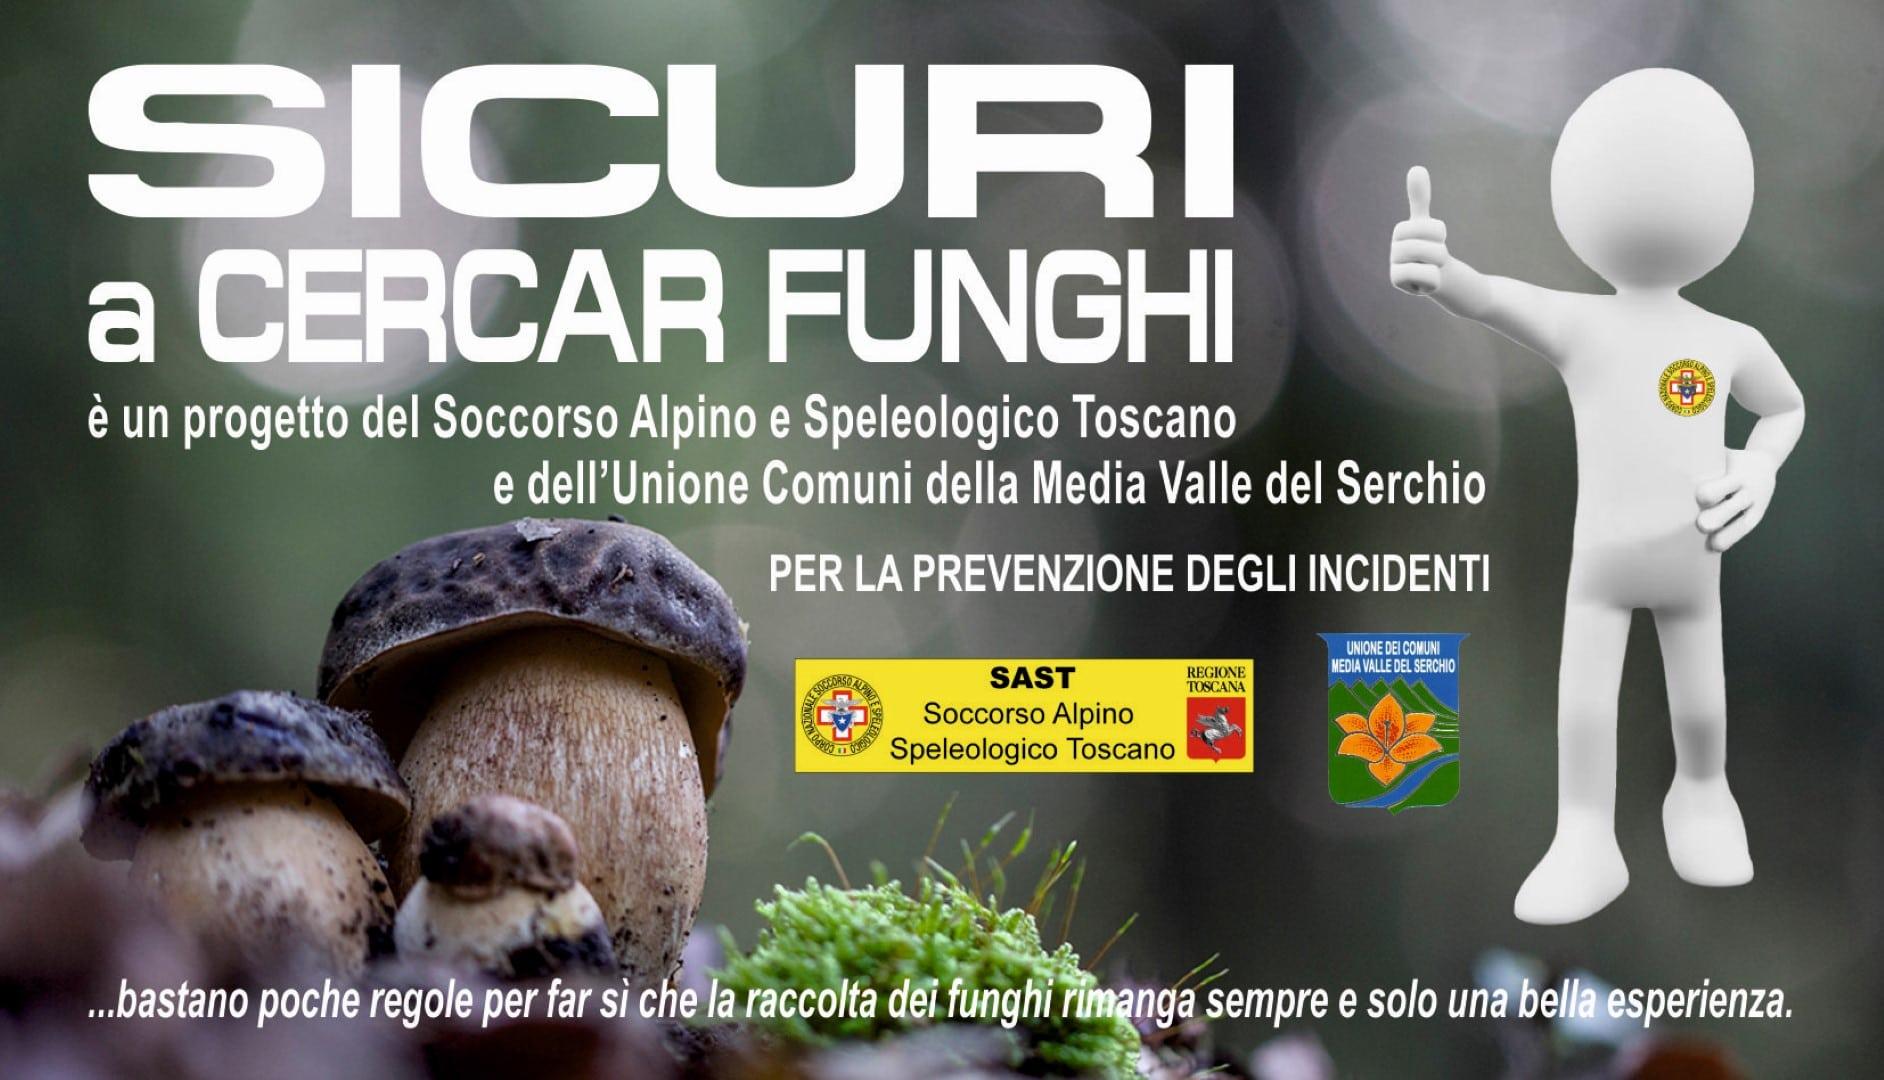 Soccorso Alpino Toscano un decalogo per la prevenzione degli incidenti: Sicuri a cercar funghi